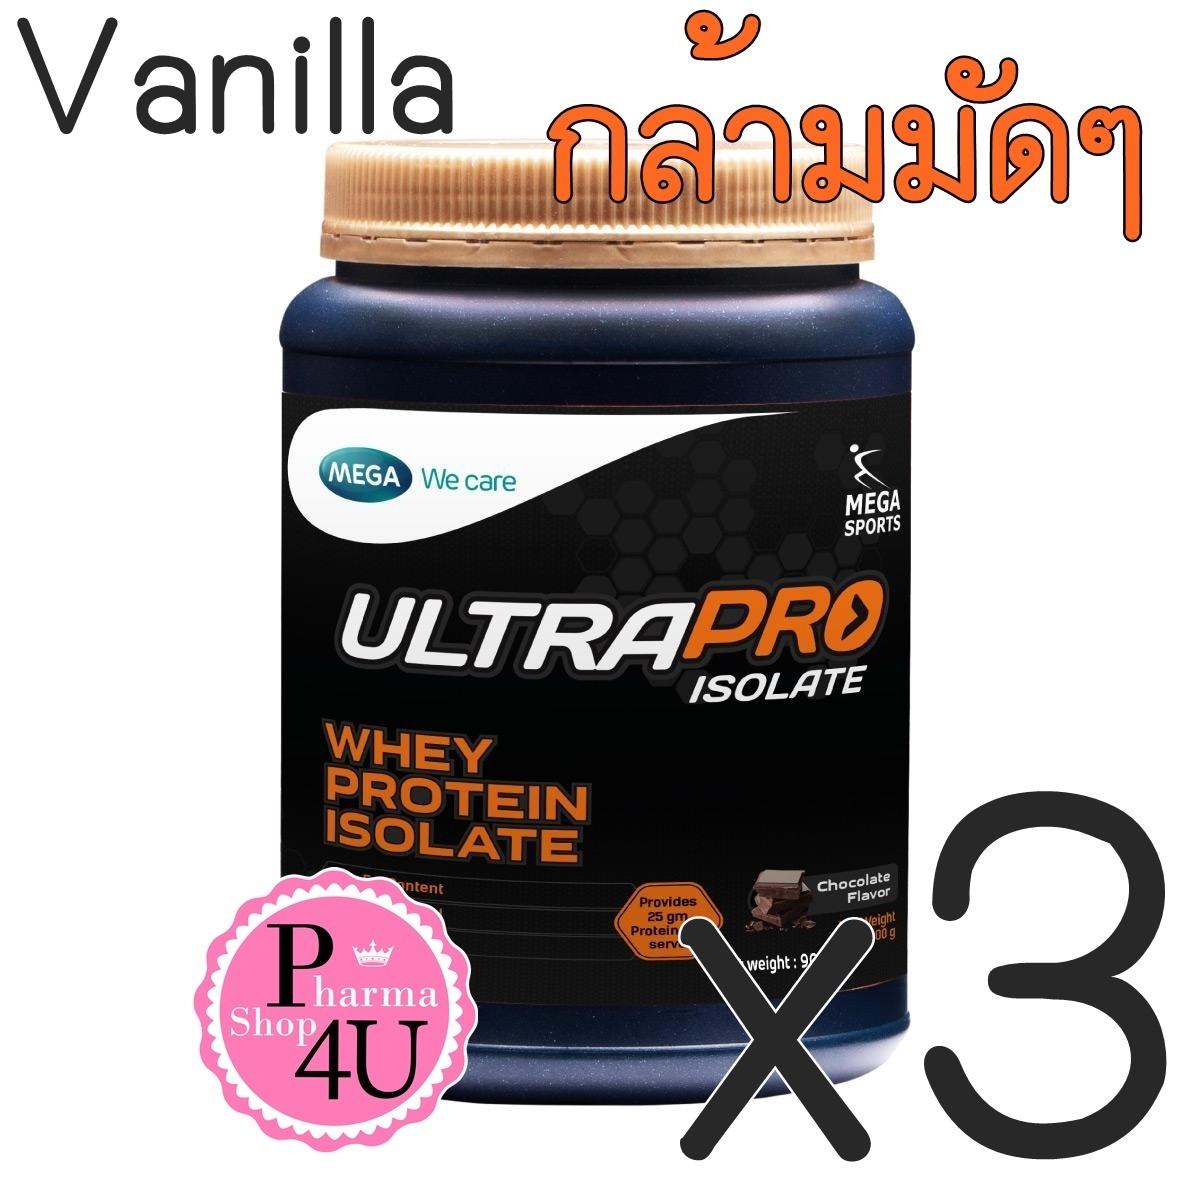 (ซื้อ3 ราคาพิเศษ) (Chocolate) Mega We Care ULTRAPRO ISOLATE 900G เวย์โปนตีนที่ย่อยง่าย ร่างกายสามารถดูดซึมไปใช้ สร้างกล้ามให้มีขนาดใหญ่ขึ้น